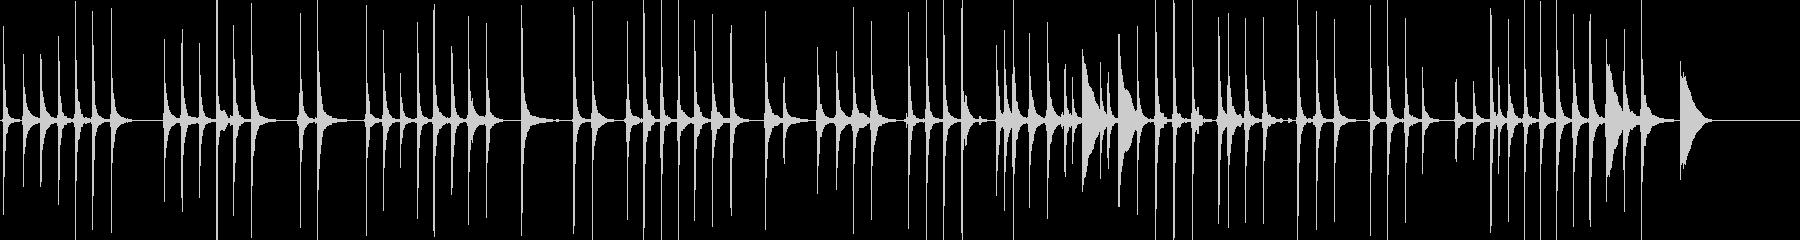 三味線80鷺娘12須磨生音歌舞伎妖怪鷺雪の未再生の波形